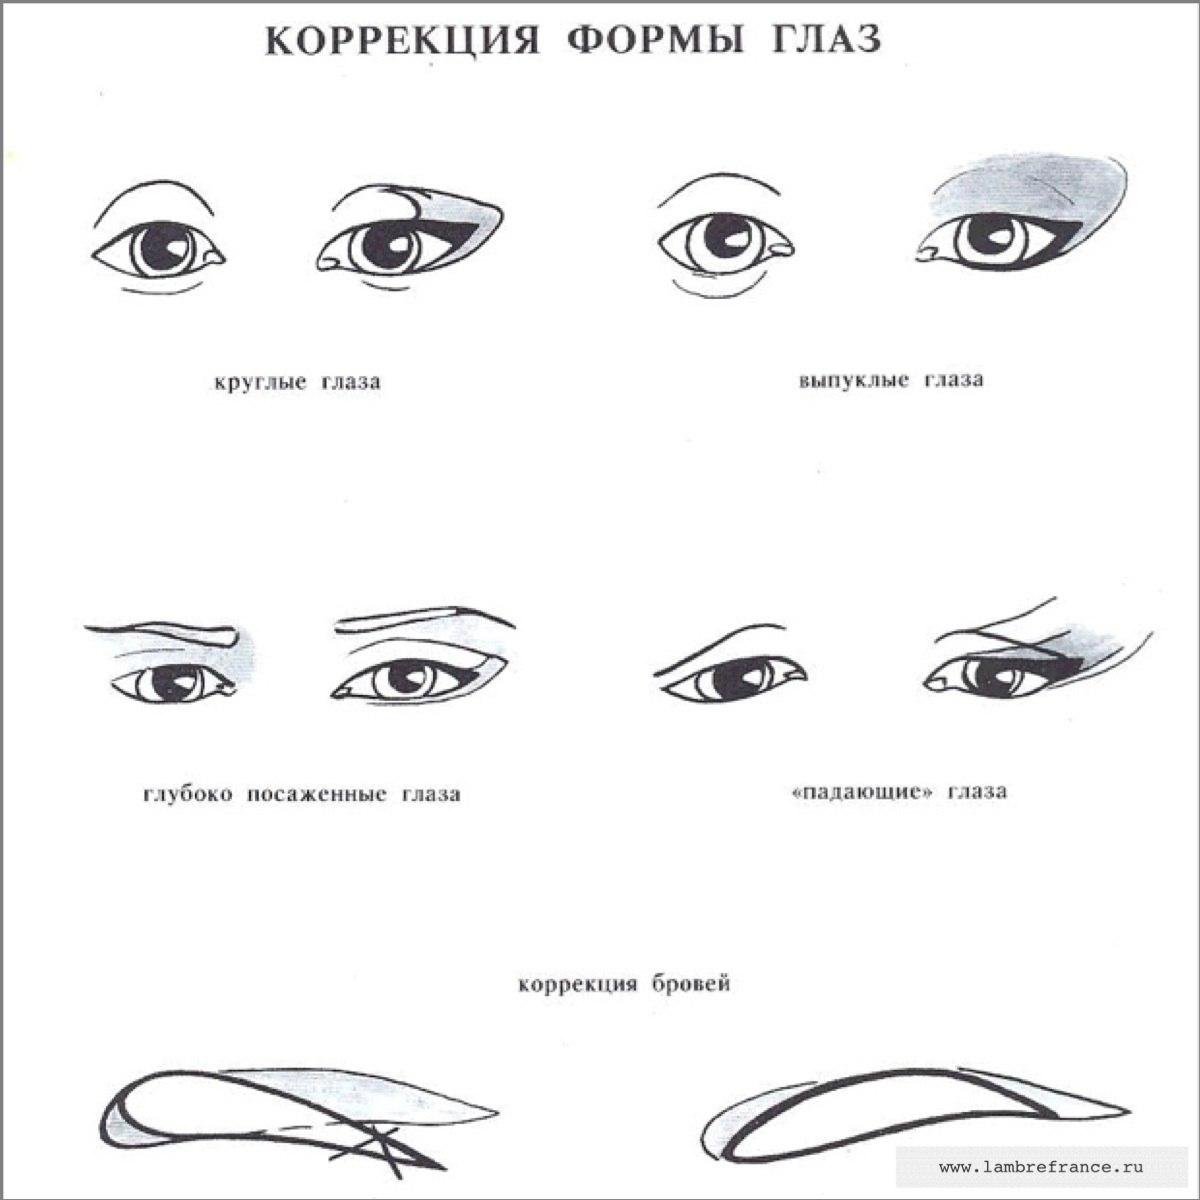 Какие бывают формы глаз фото